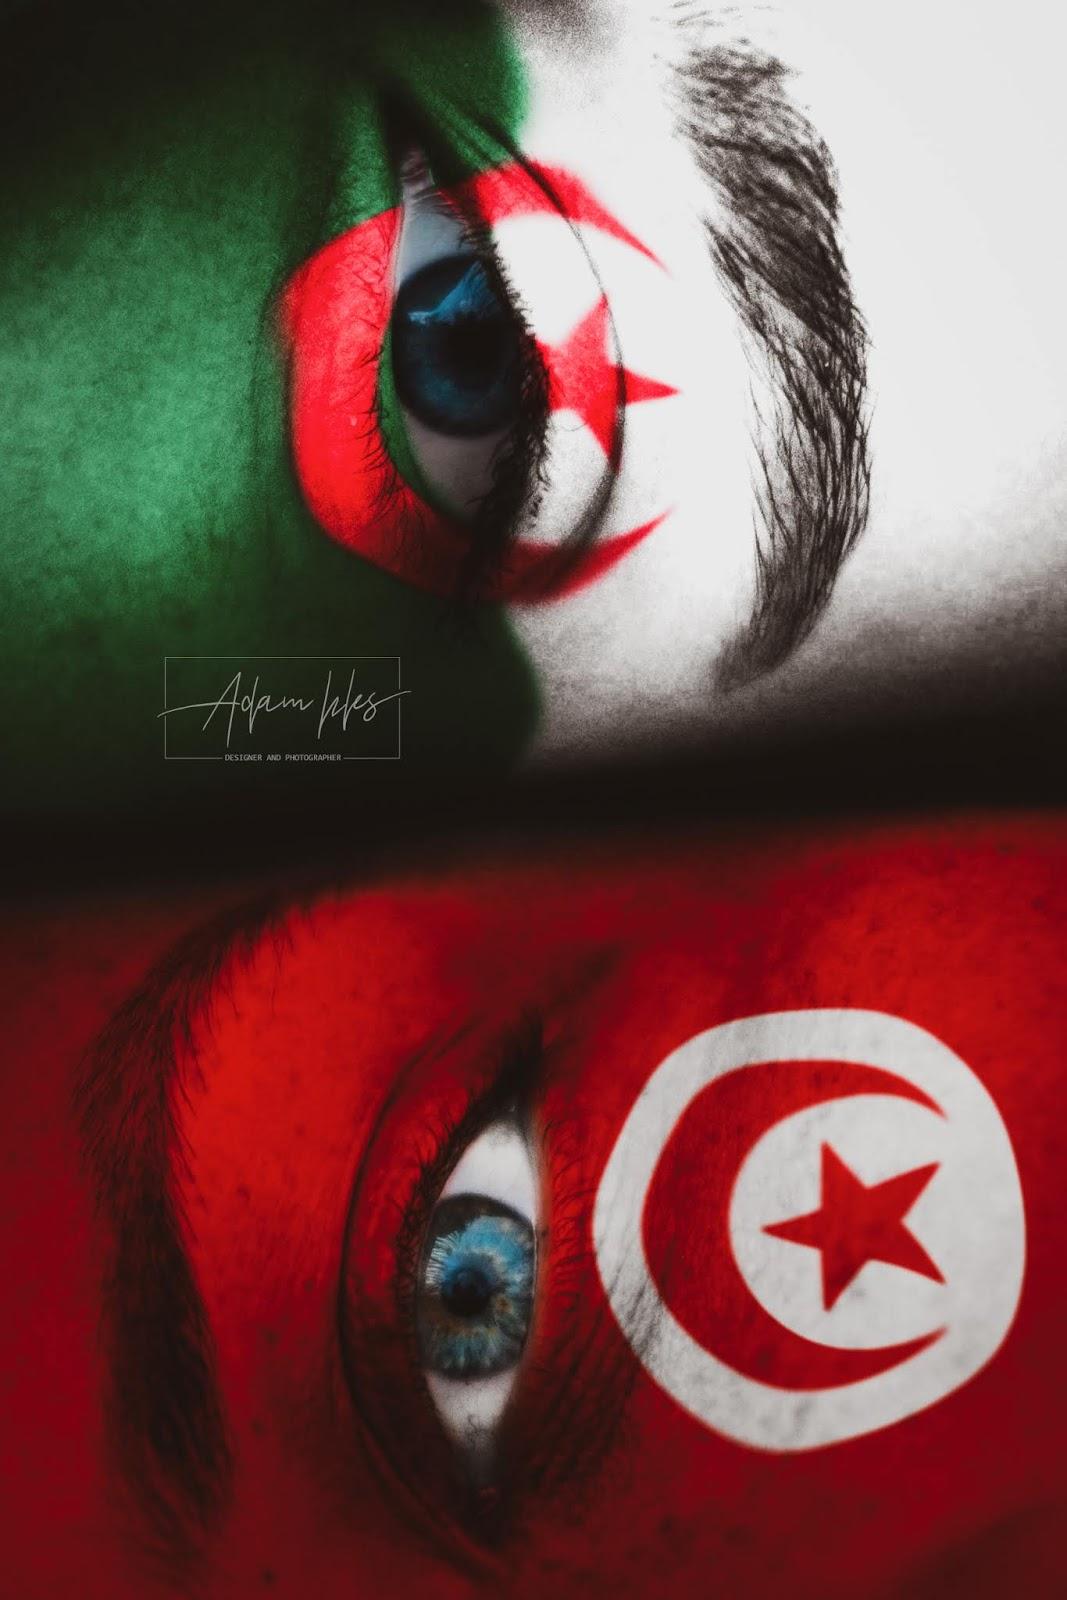 علم تونس وعلم الجزائر